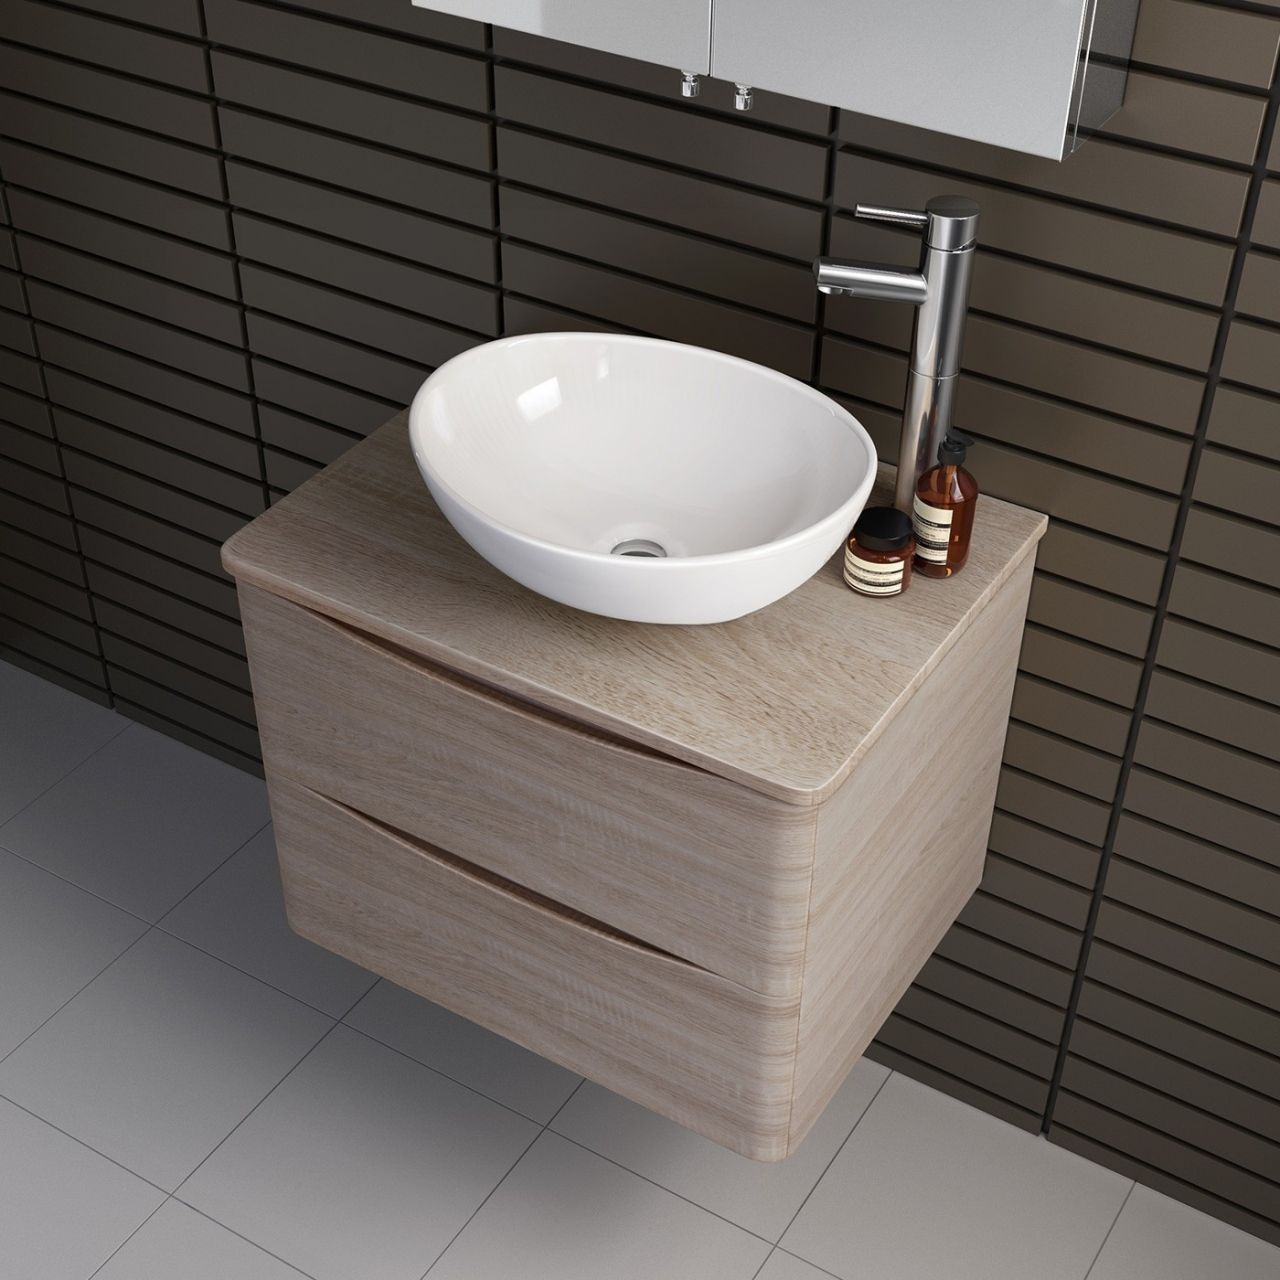 Amazing Bathroom Sink Ideas In 2019 Modern Bathroom Vanity Bathroom Vanities For Sale Cheap Bathroom Vanities Bathroom vanity stores near me